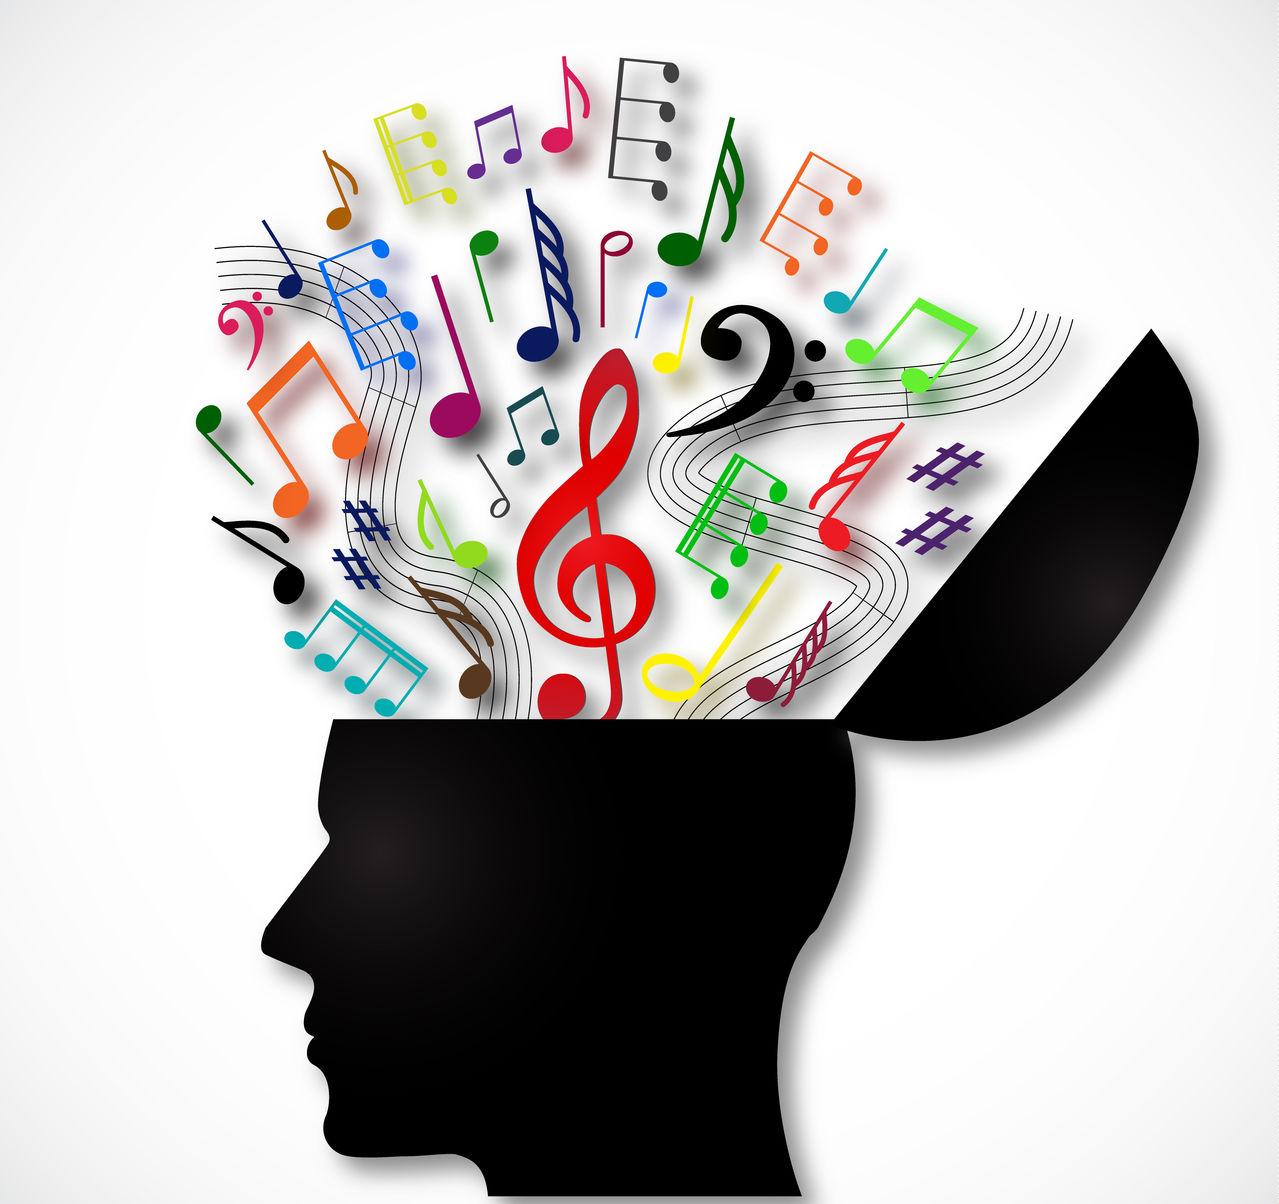 Večeras ne propustite priliku da se upišete u Muzički centar JU KSC Kakanj – Naučite svirati klavir, gitaru, harmoniku ili postanite član dječijeg hora